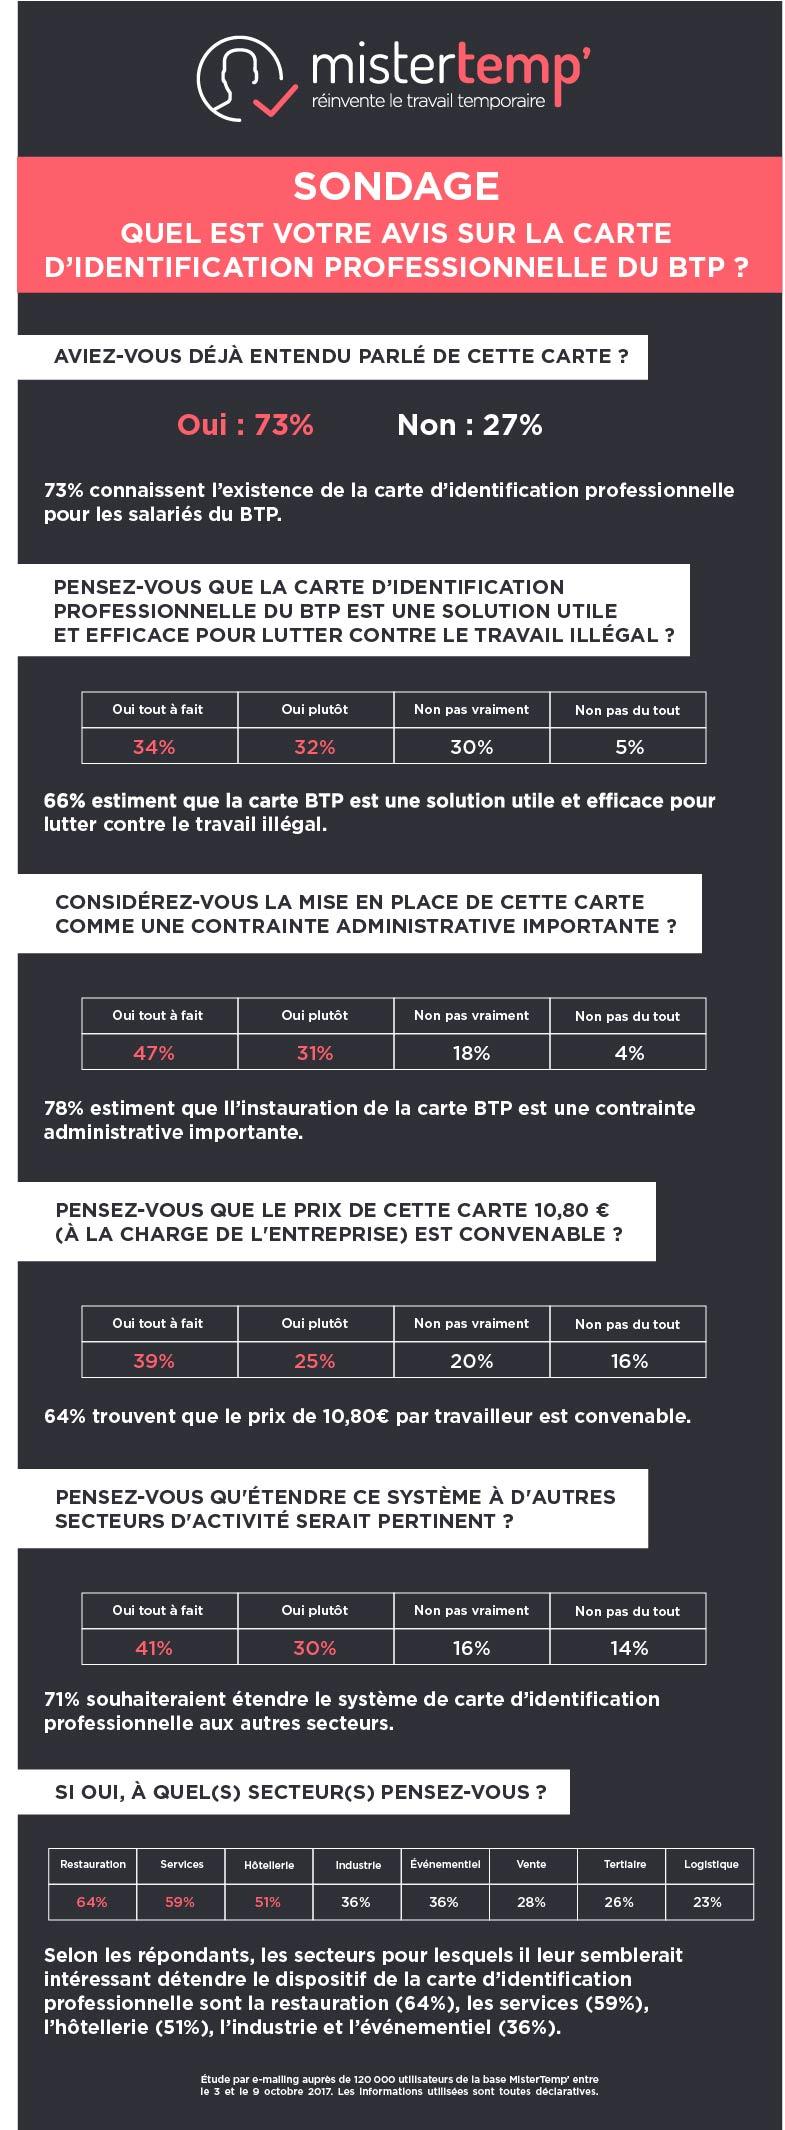 sondage-carte-identification-professionnelle-btp